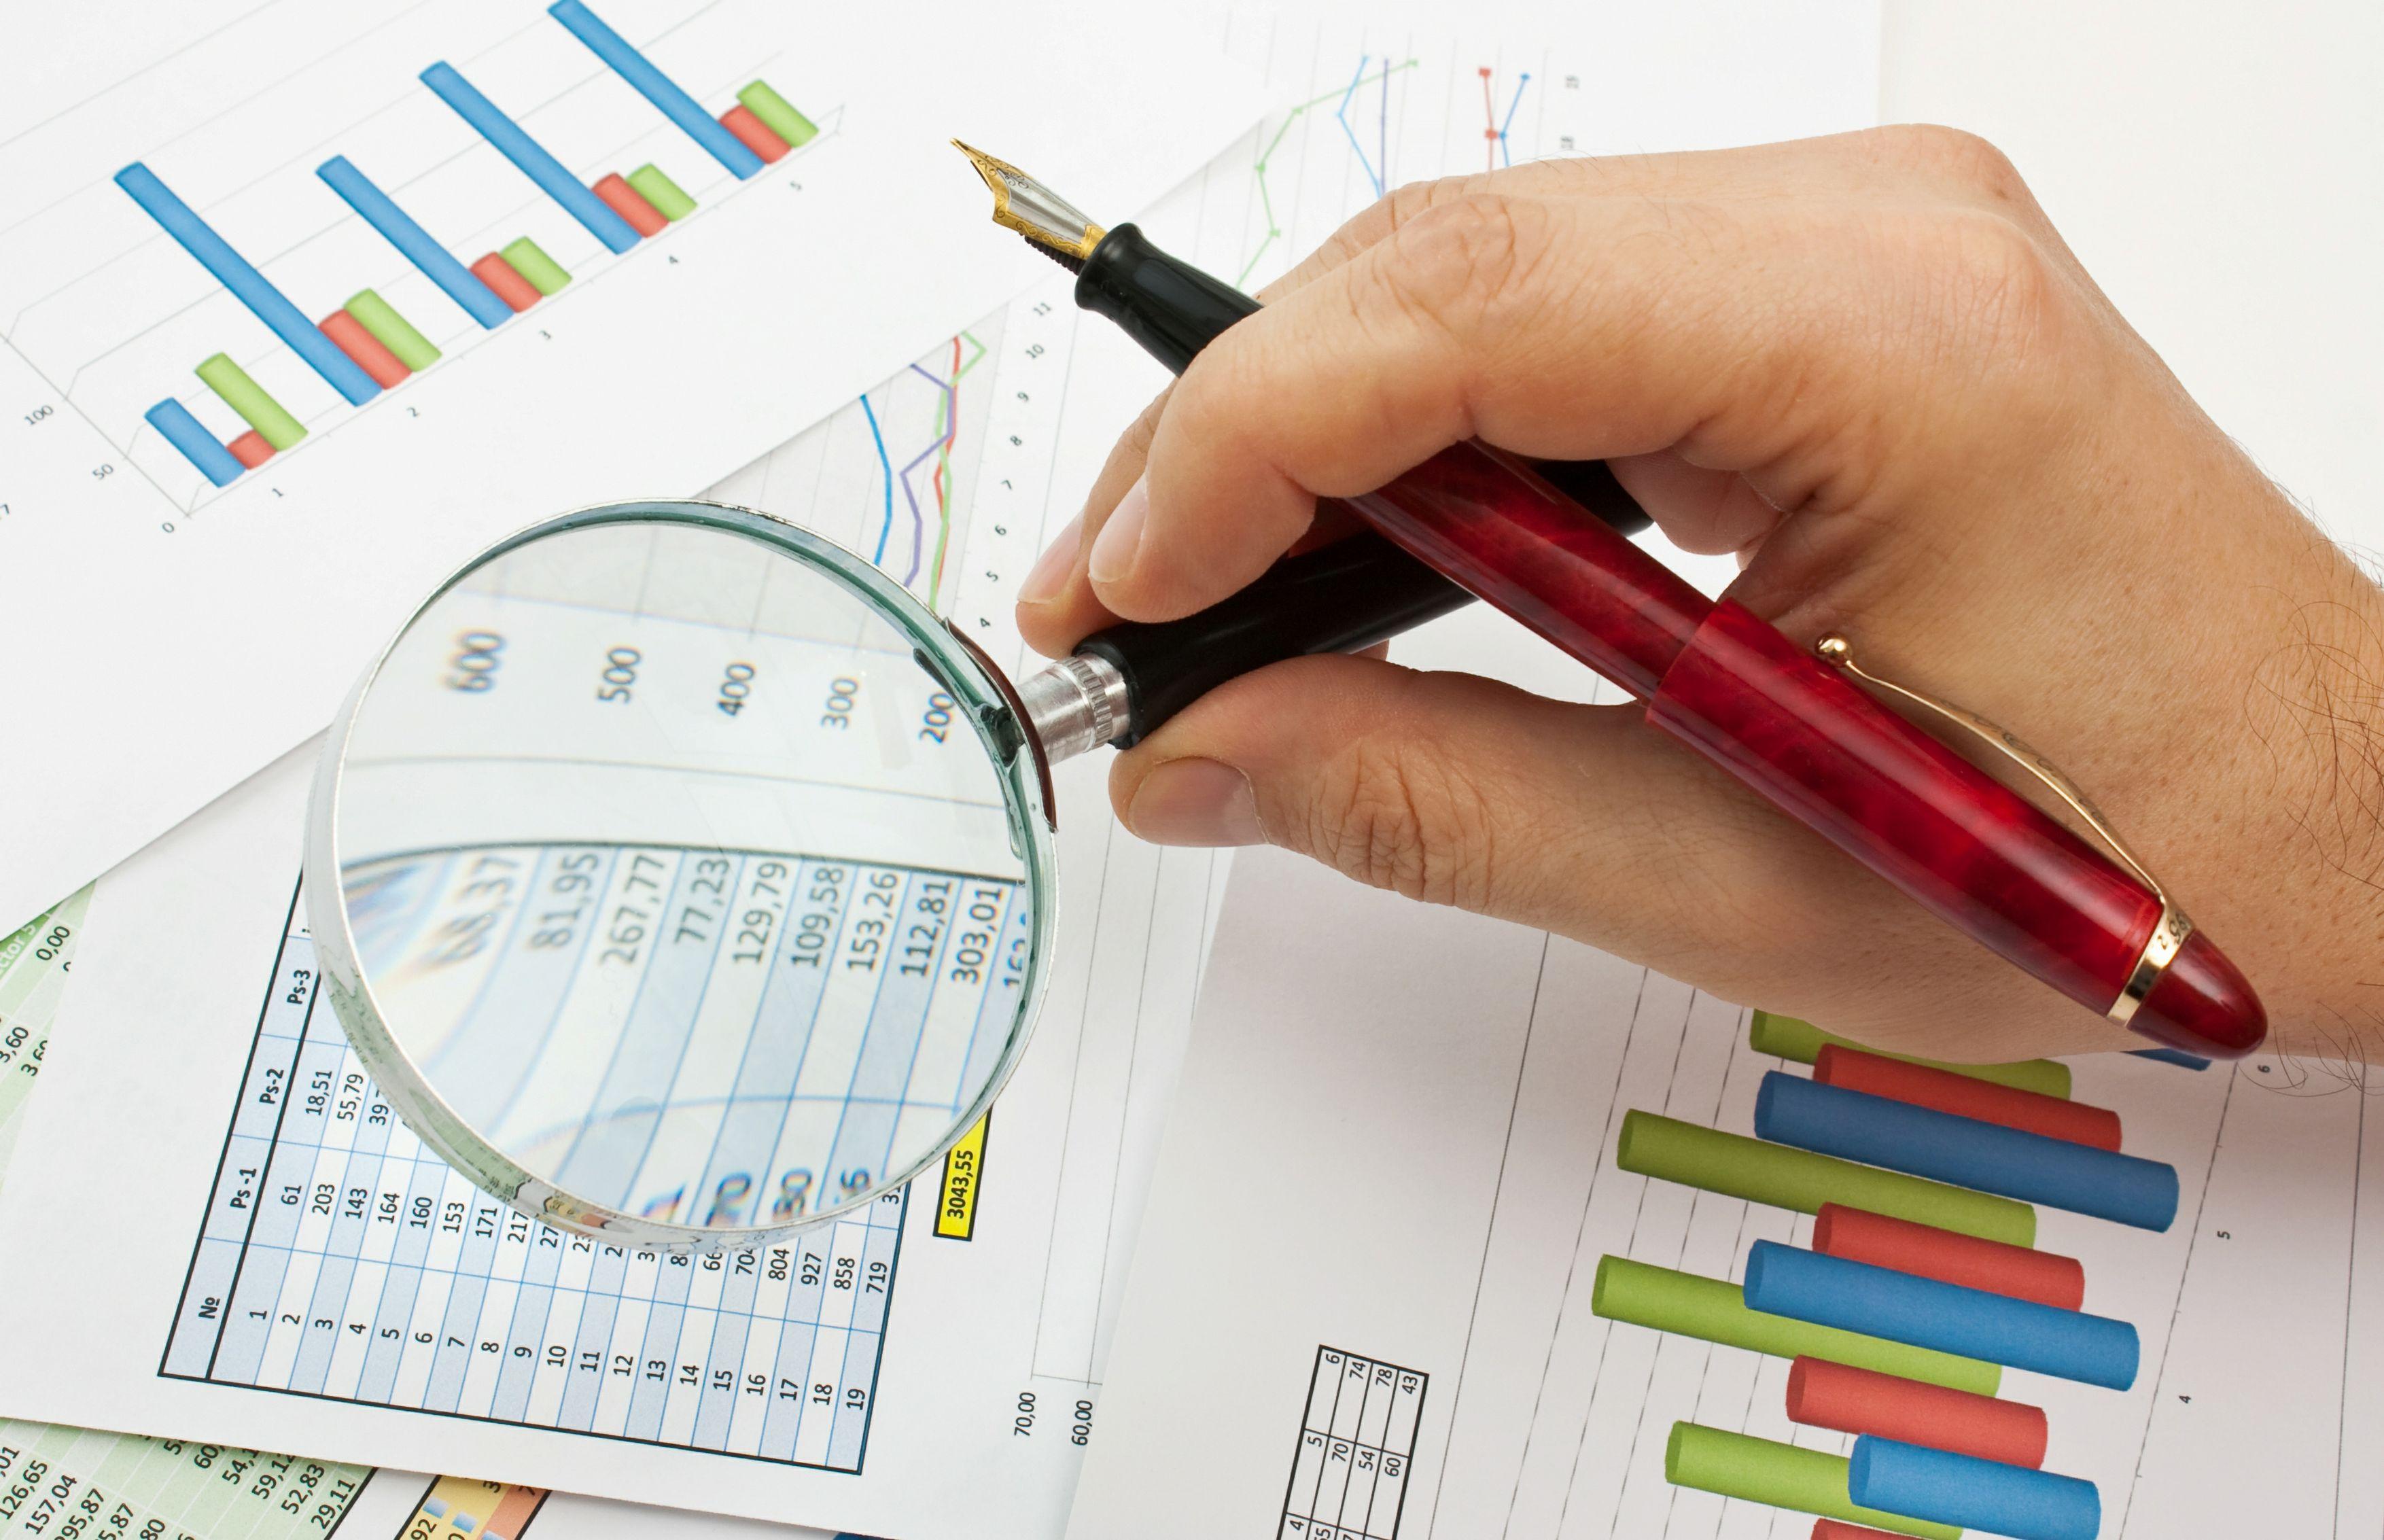 格隆汇港股聚焦(4.9)︱中信证券3月非合并净利润升56.05%至13.85亿元